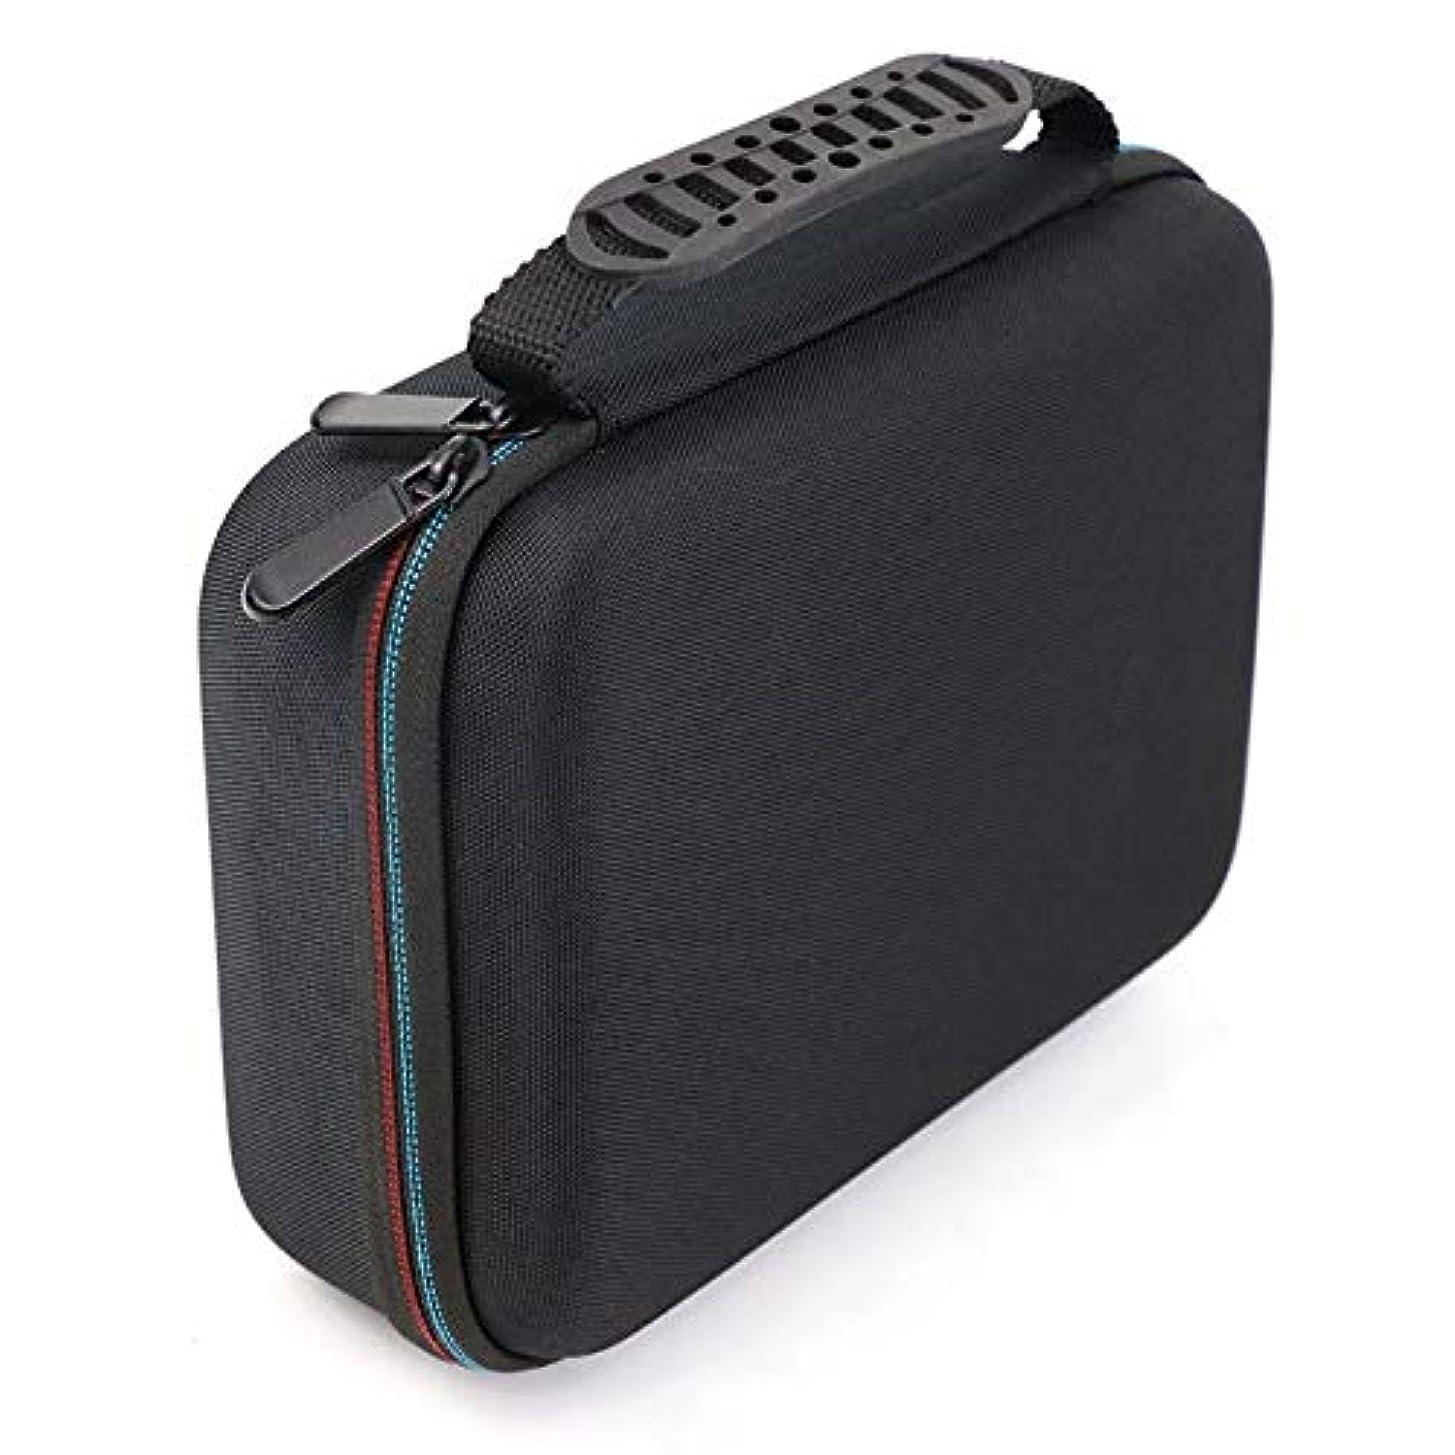 遠えメロディアスチャンバーGaoominy バリカンの収納ケース、携帯用ケース、耐衝撃バッグ、シェーバーのキット、Evaハードケース、収納バッグ、 Mgk3020/3060/3080用